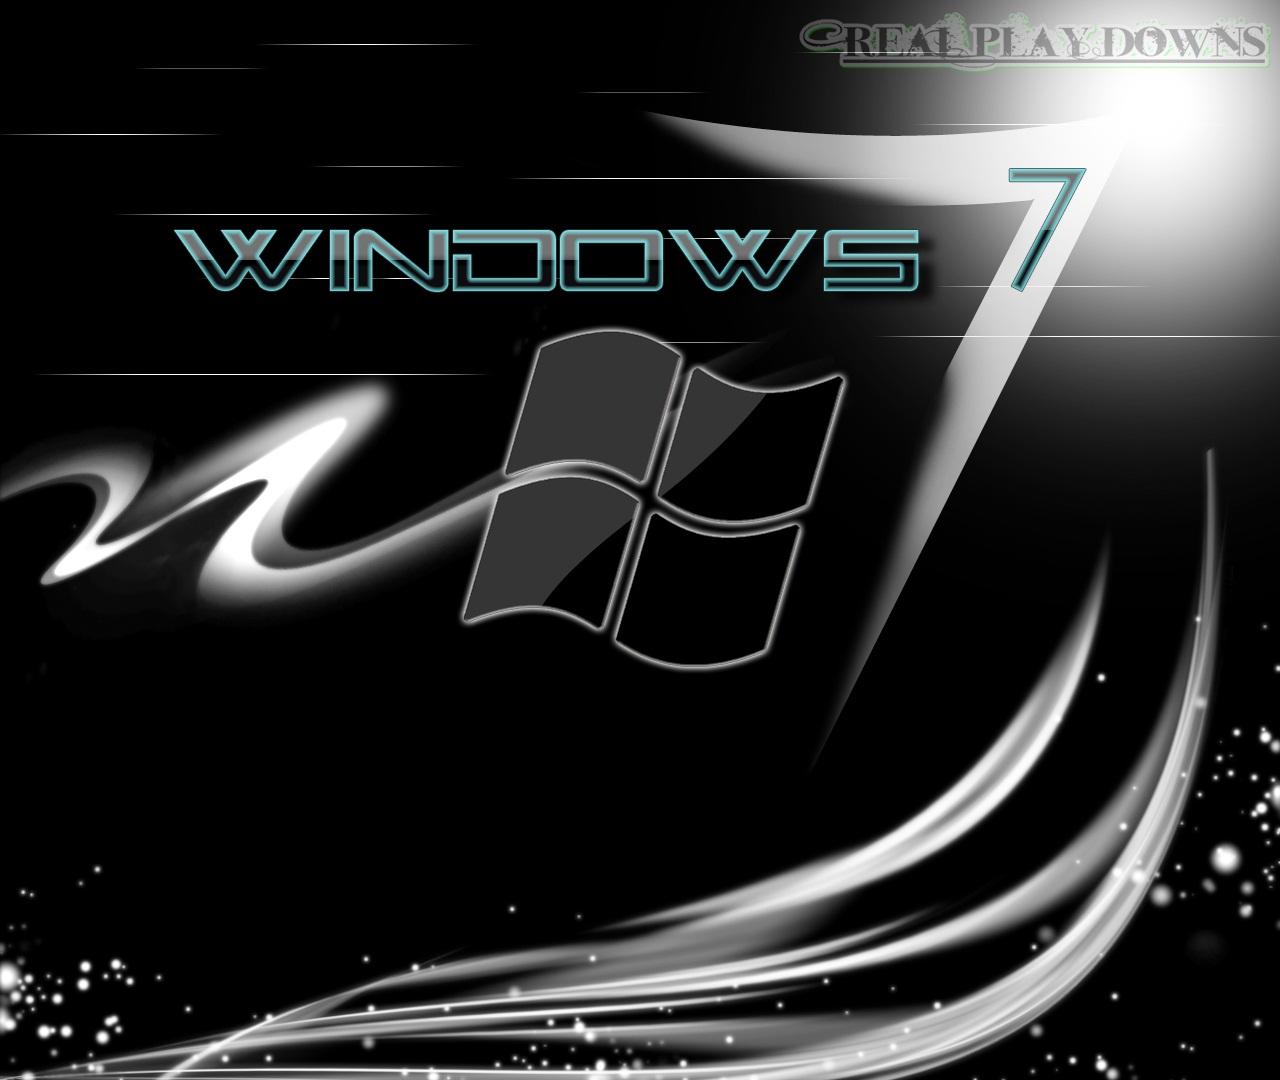 http://3.bp.blogspot.com/-BxXF4o4BvGQ/ThJJRUwNCXI/AAAAAAAAC0I/XfE0cpTVTzQ/s1600/Windows_7_Black_Wallpaper_by_atti12.jpg